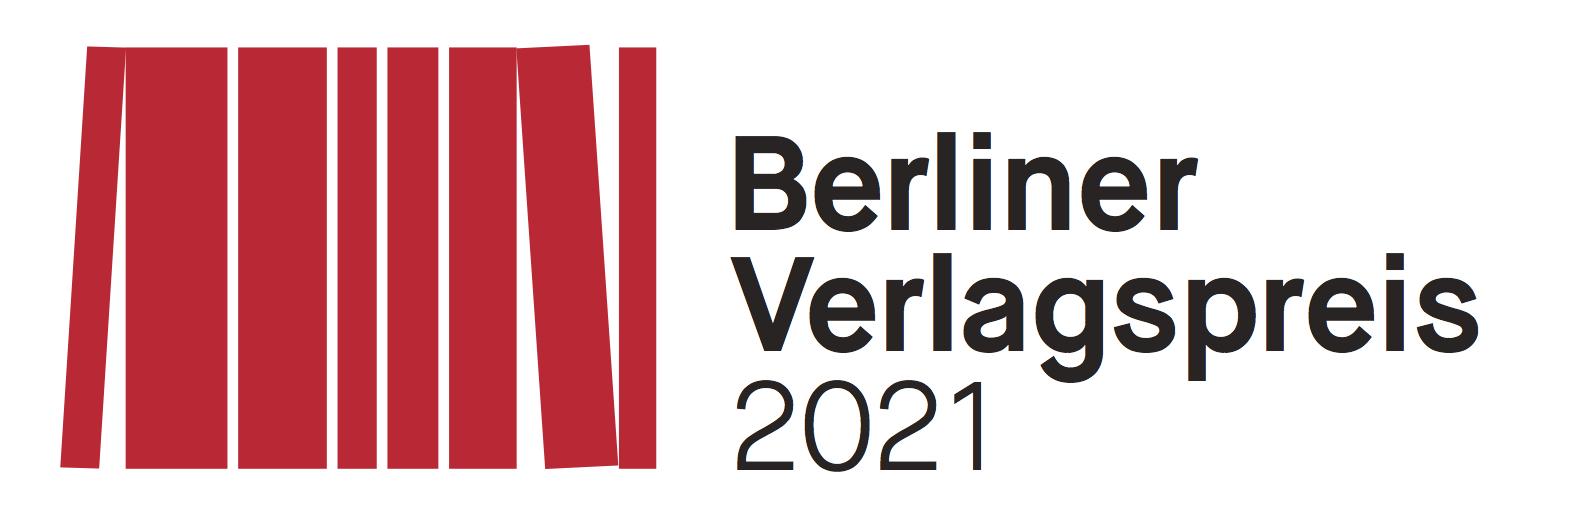 Berliner Verlagspreis